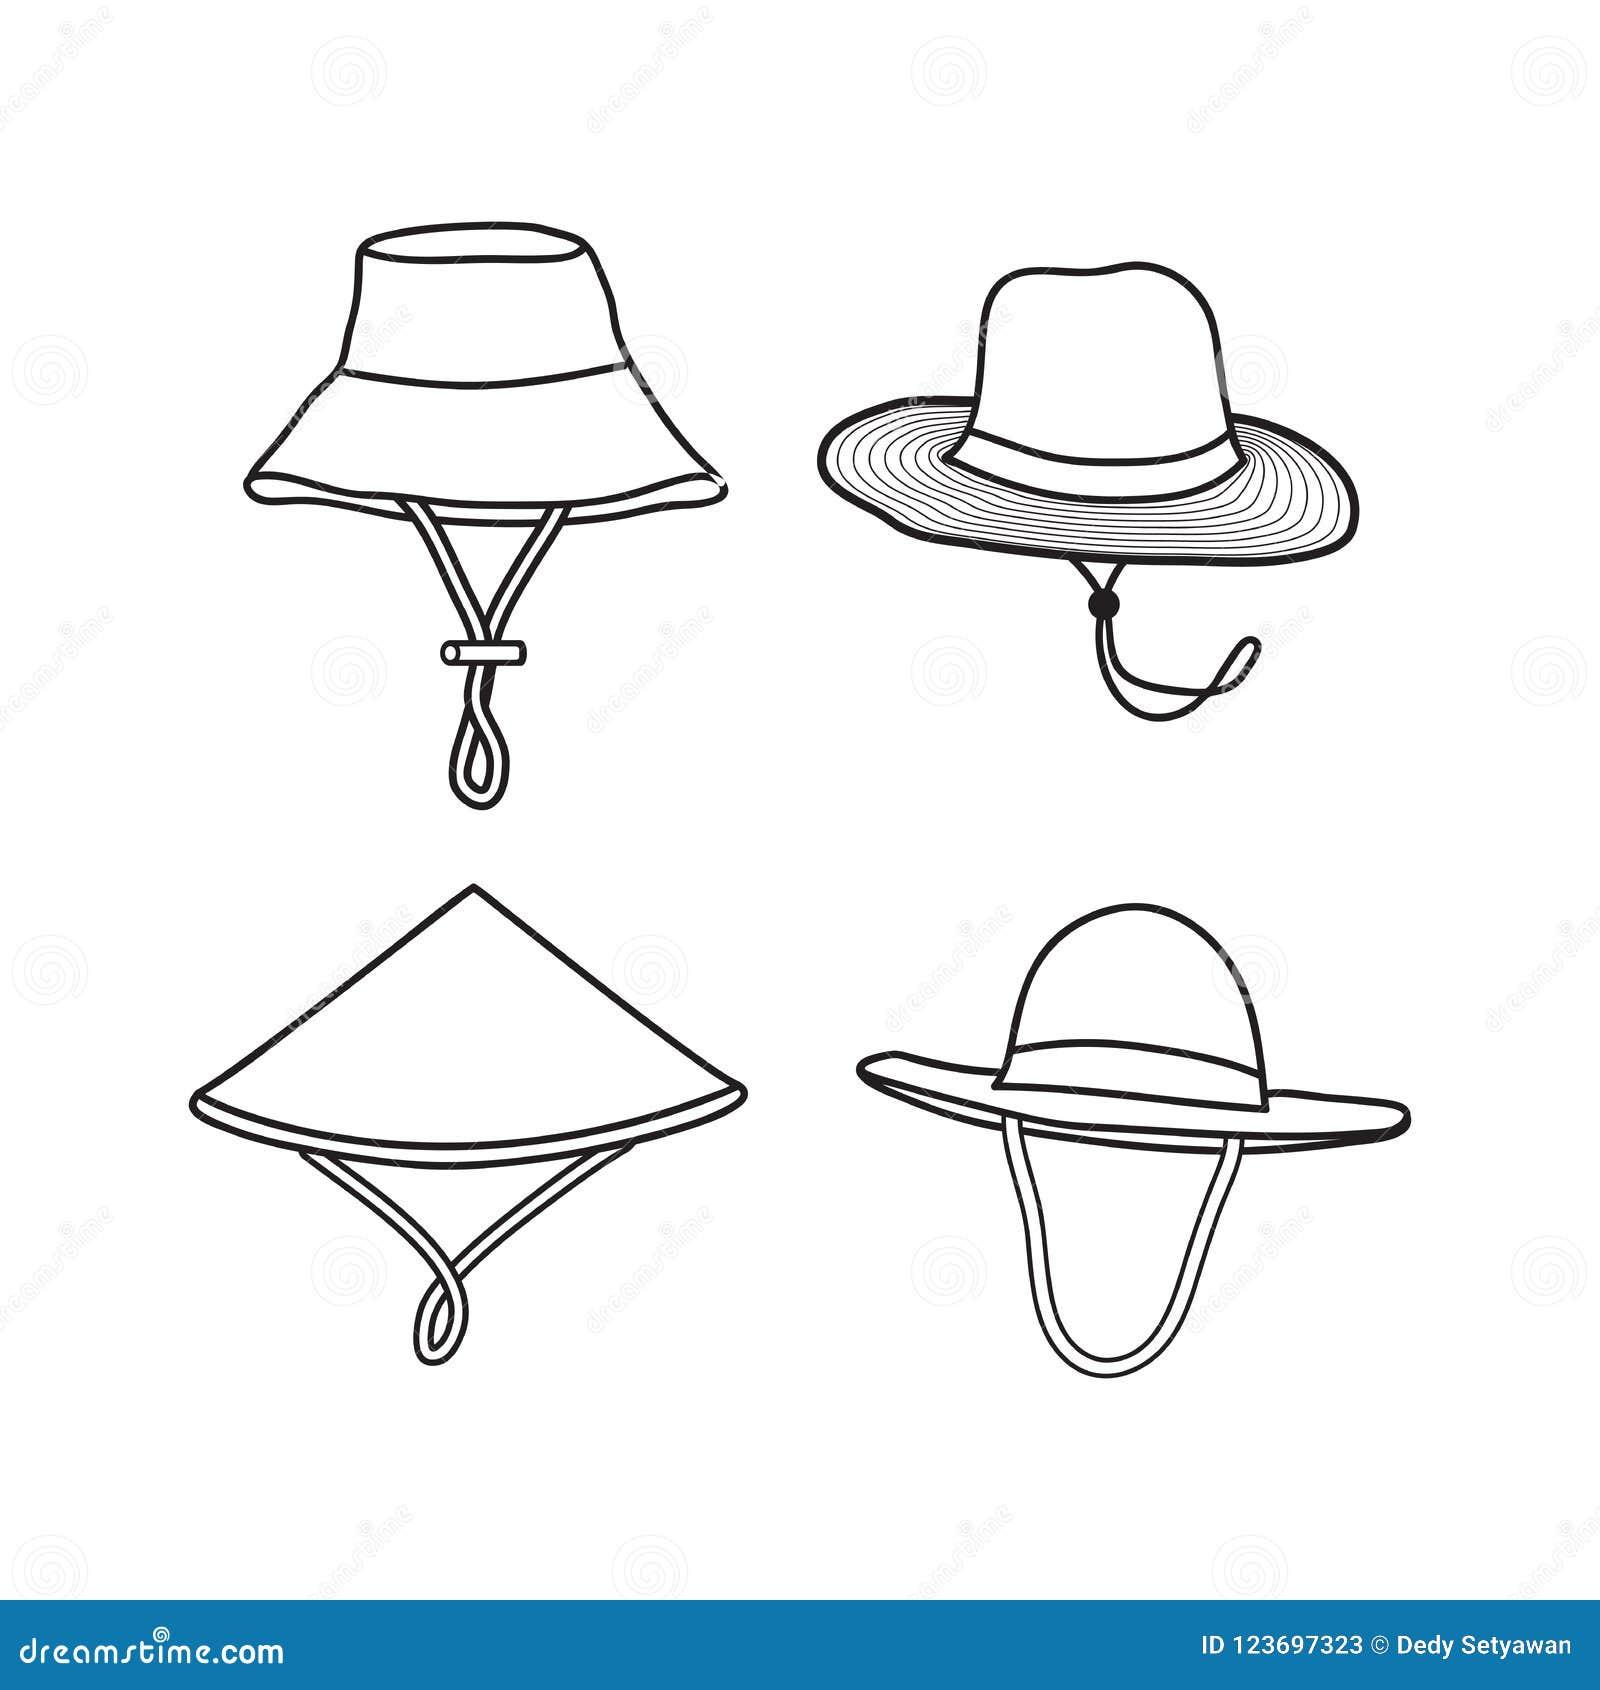 Farmer Hat Vector Illustration Outline Design Isolated White Background